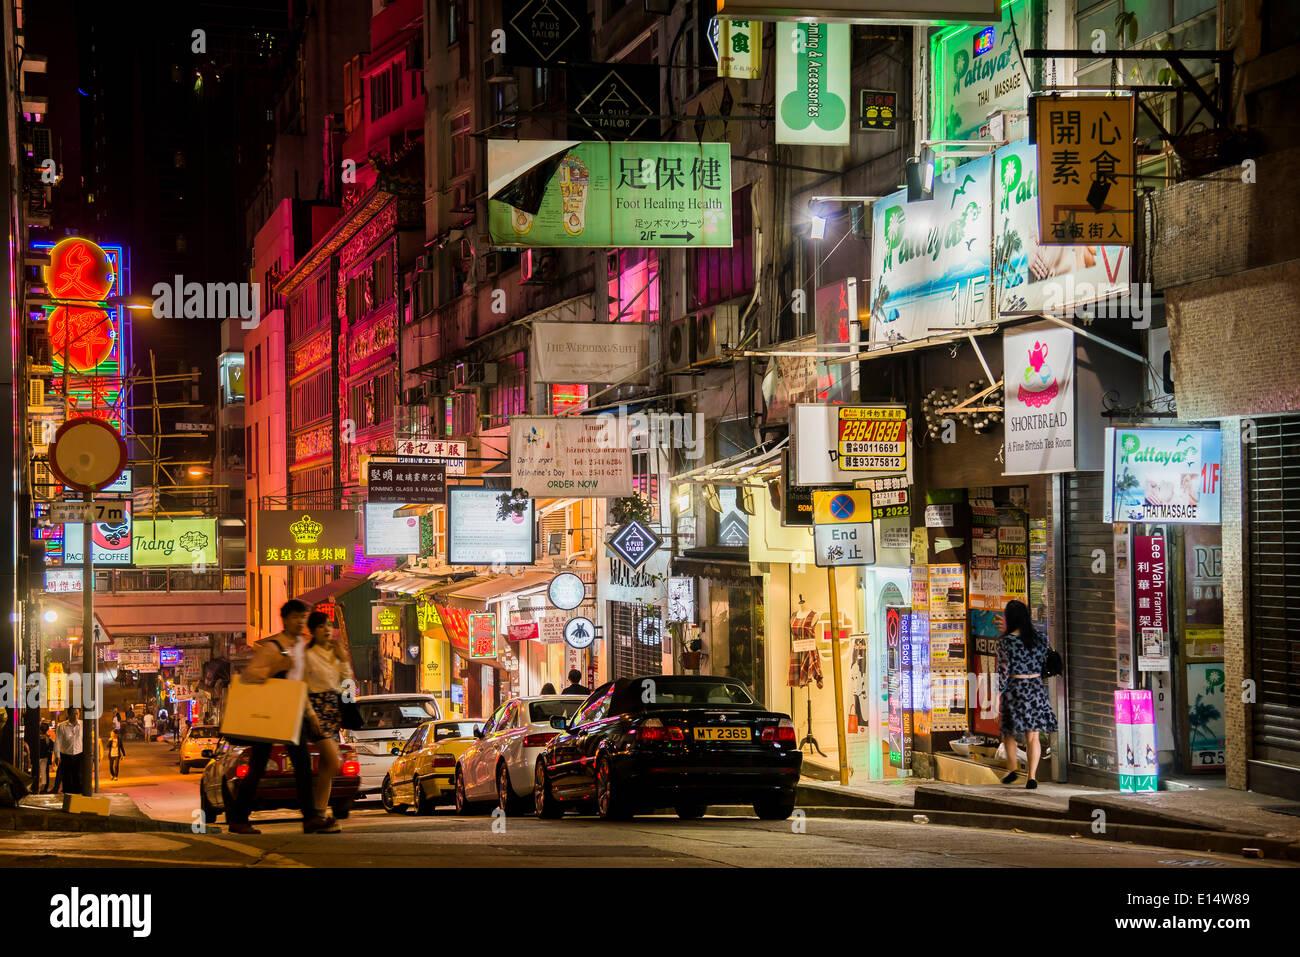 Entertainment district, Wyndham Street, Hong Kong Island, Hong Kong, China - Stock Image